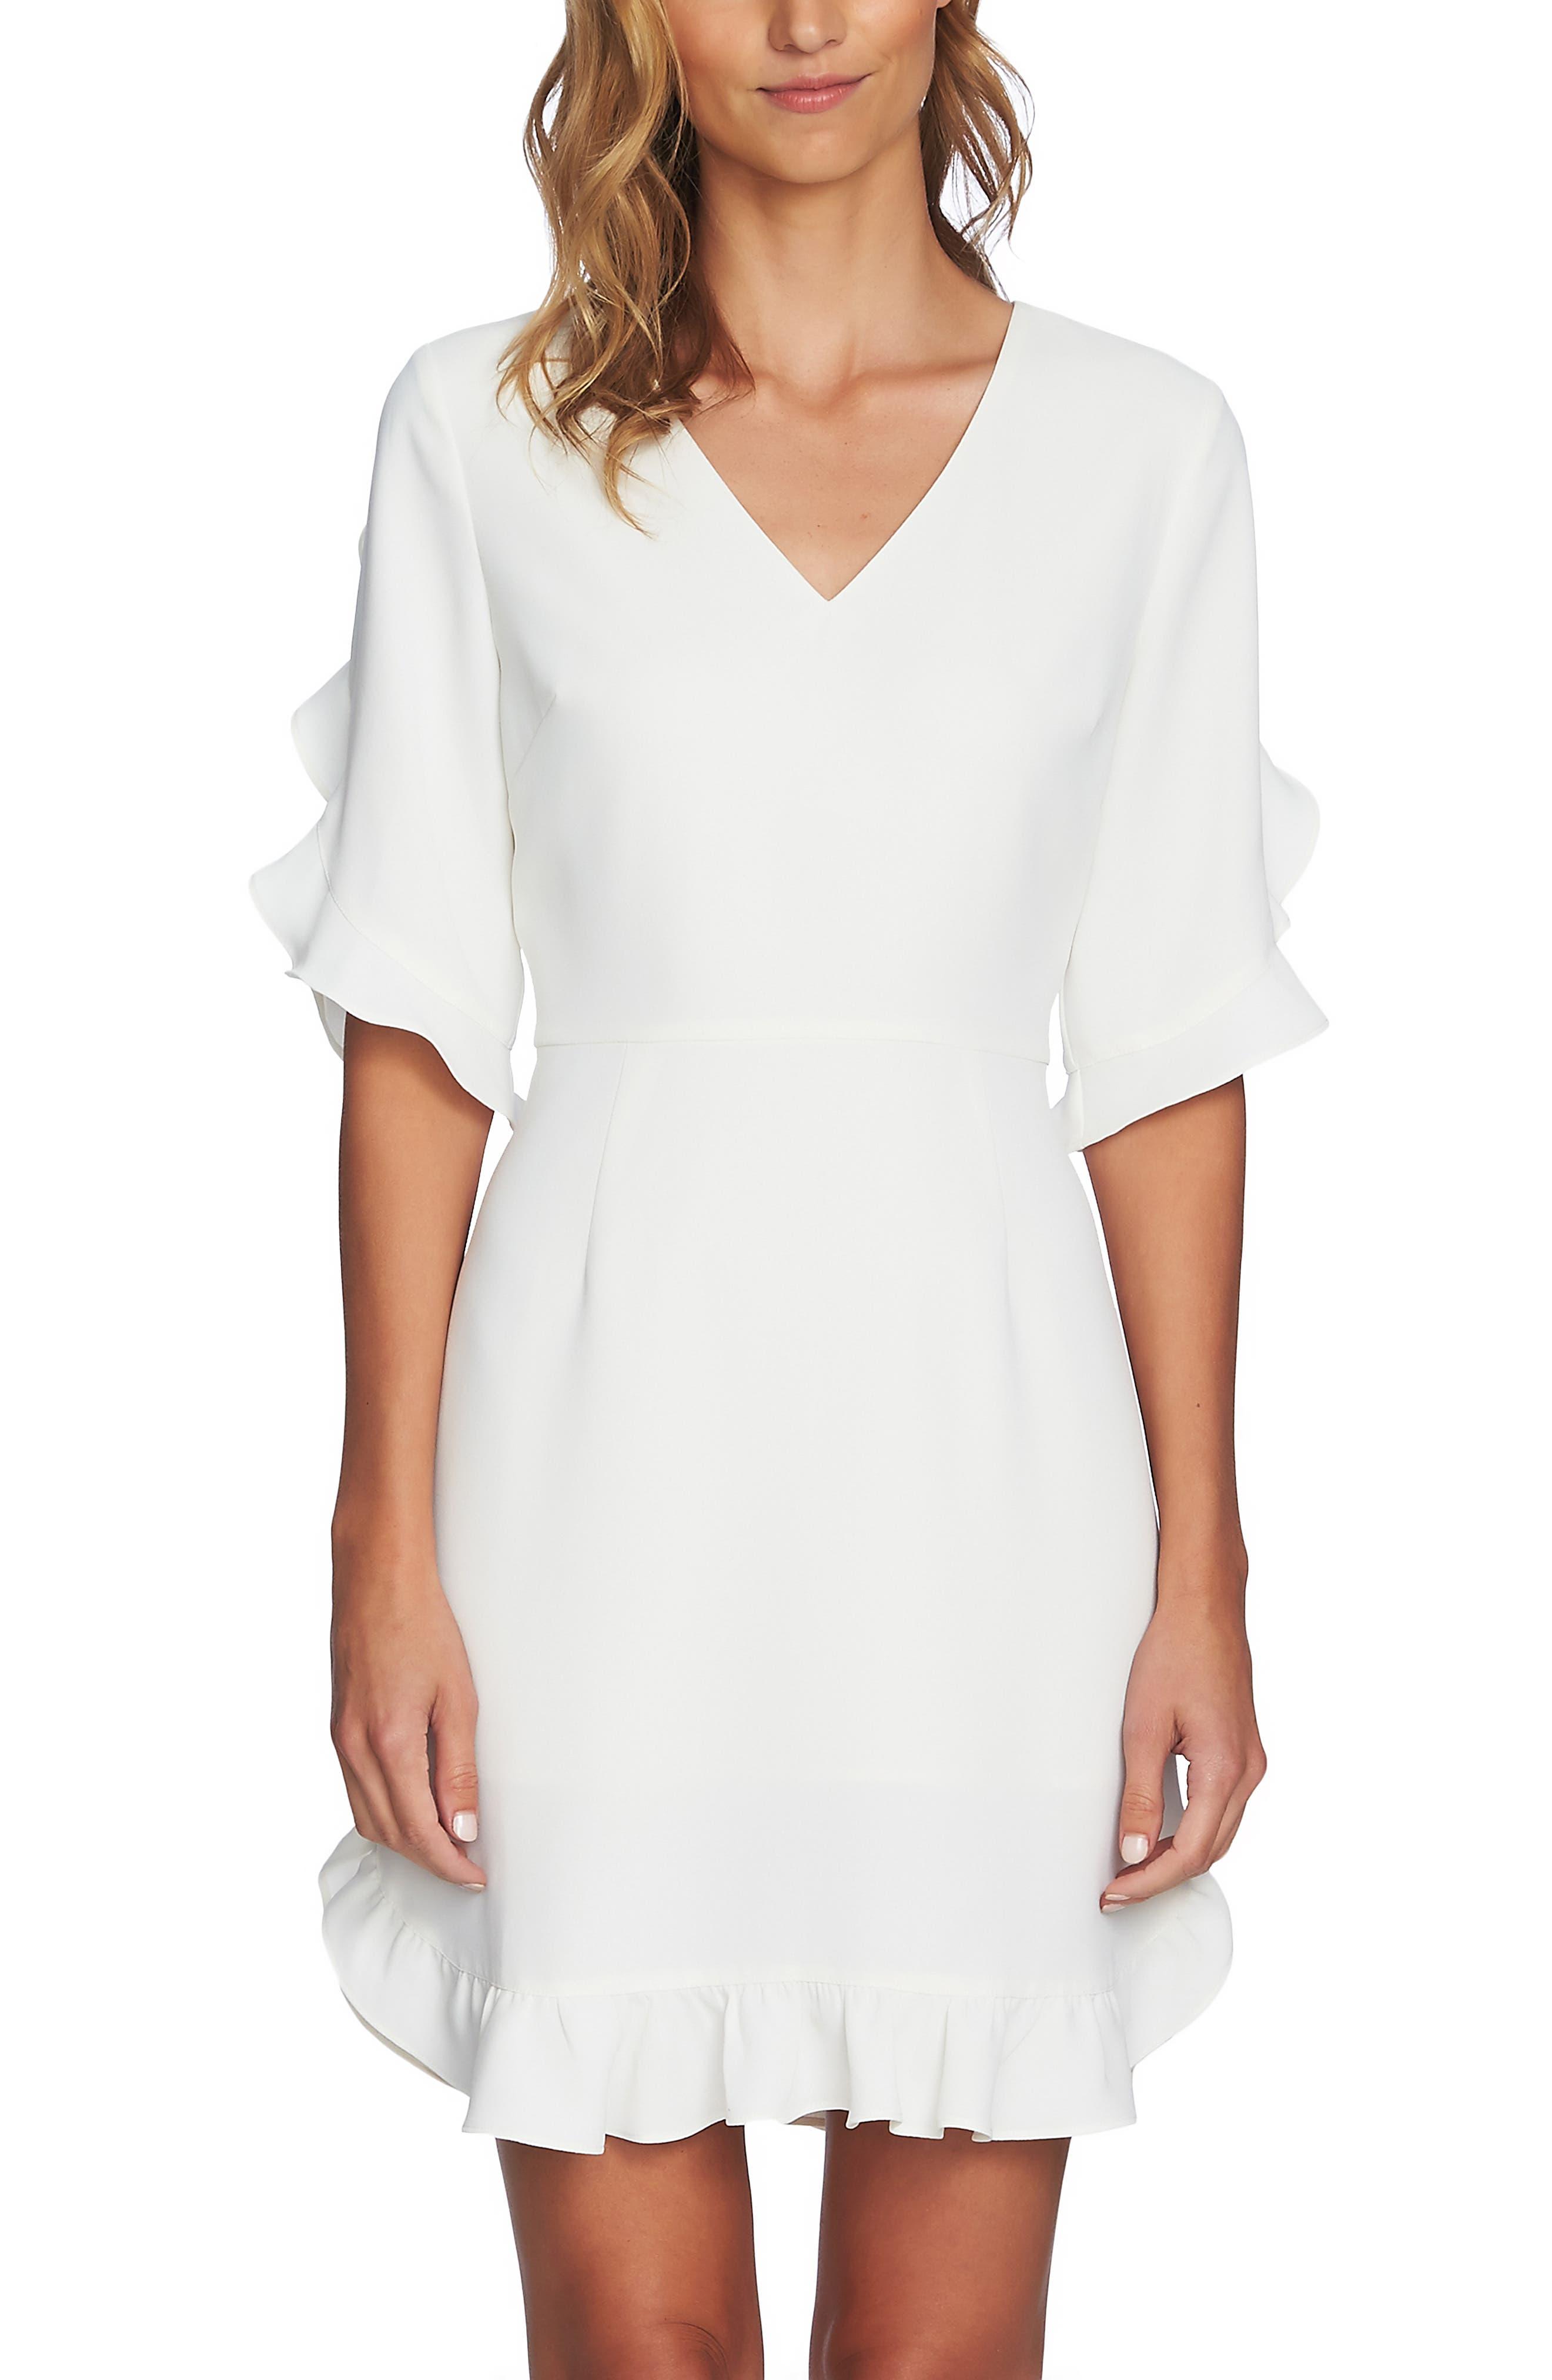 CECE, Ruffle V-Neck A-Line Dress, Main thumbnail 1, color, ANTIQUE WHITE